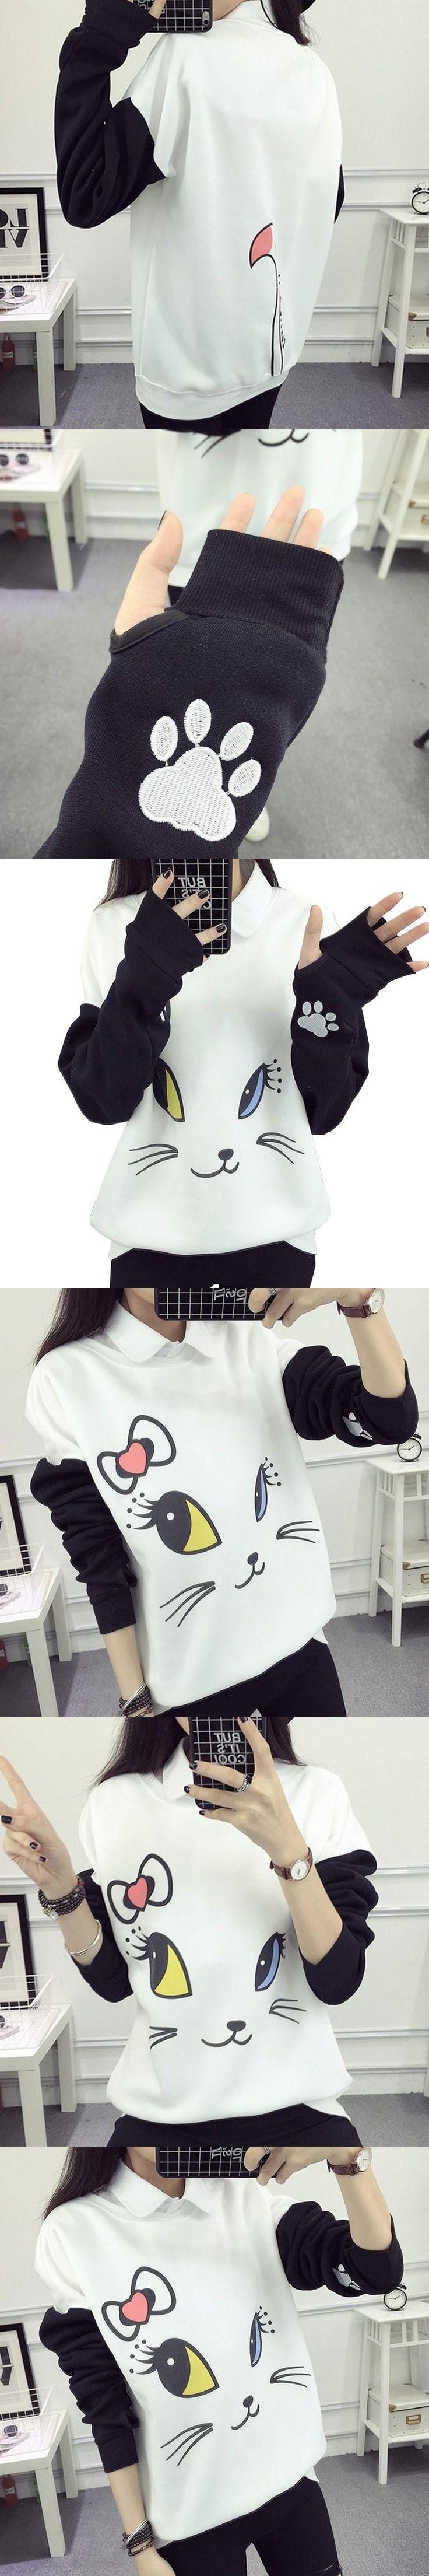 Sudadera Mujer 2016 New Pokemon Hoodie Cute Cartoon Panda Sweatshirt Women BTS Hoodies For Women Svitshot Polerones Mujer FL154